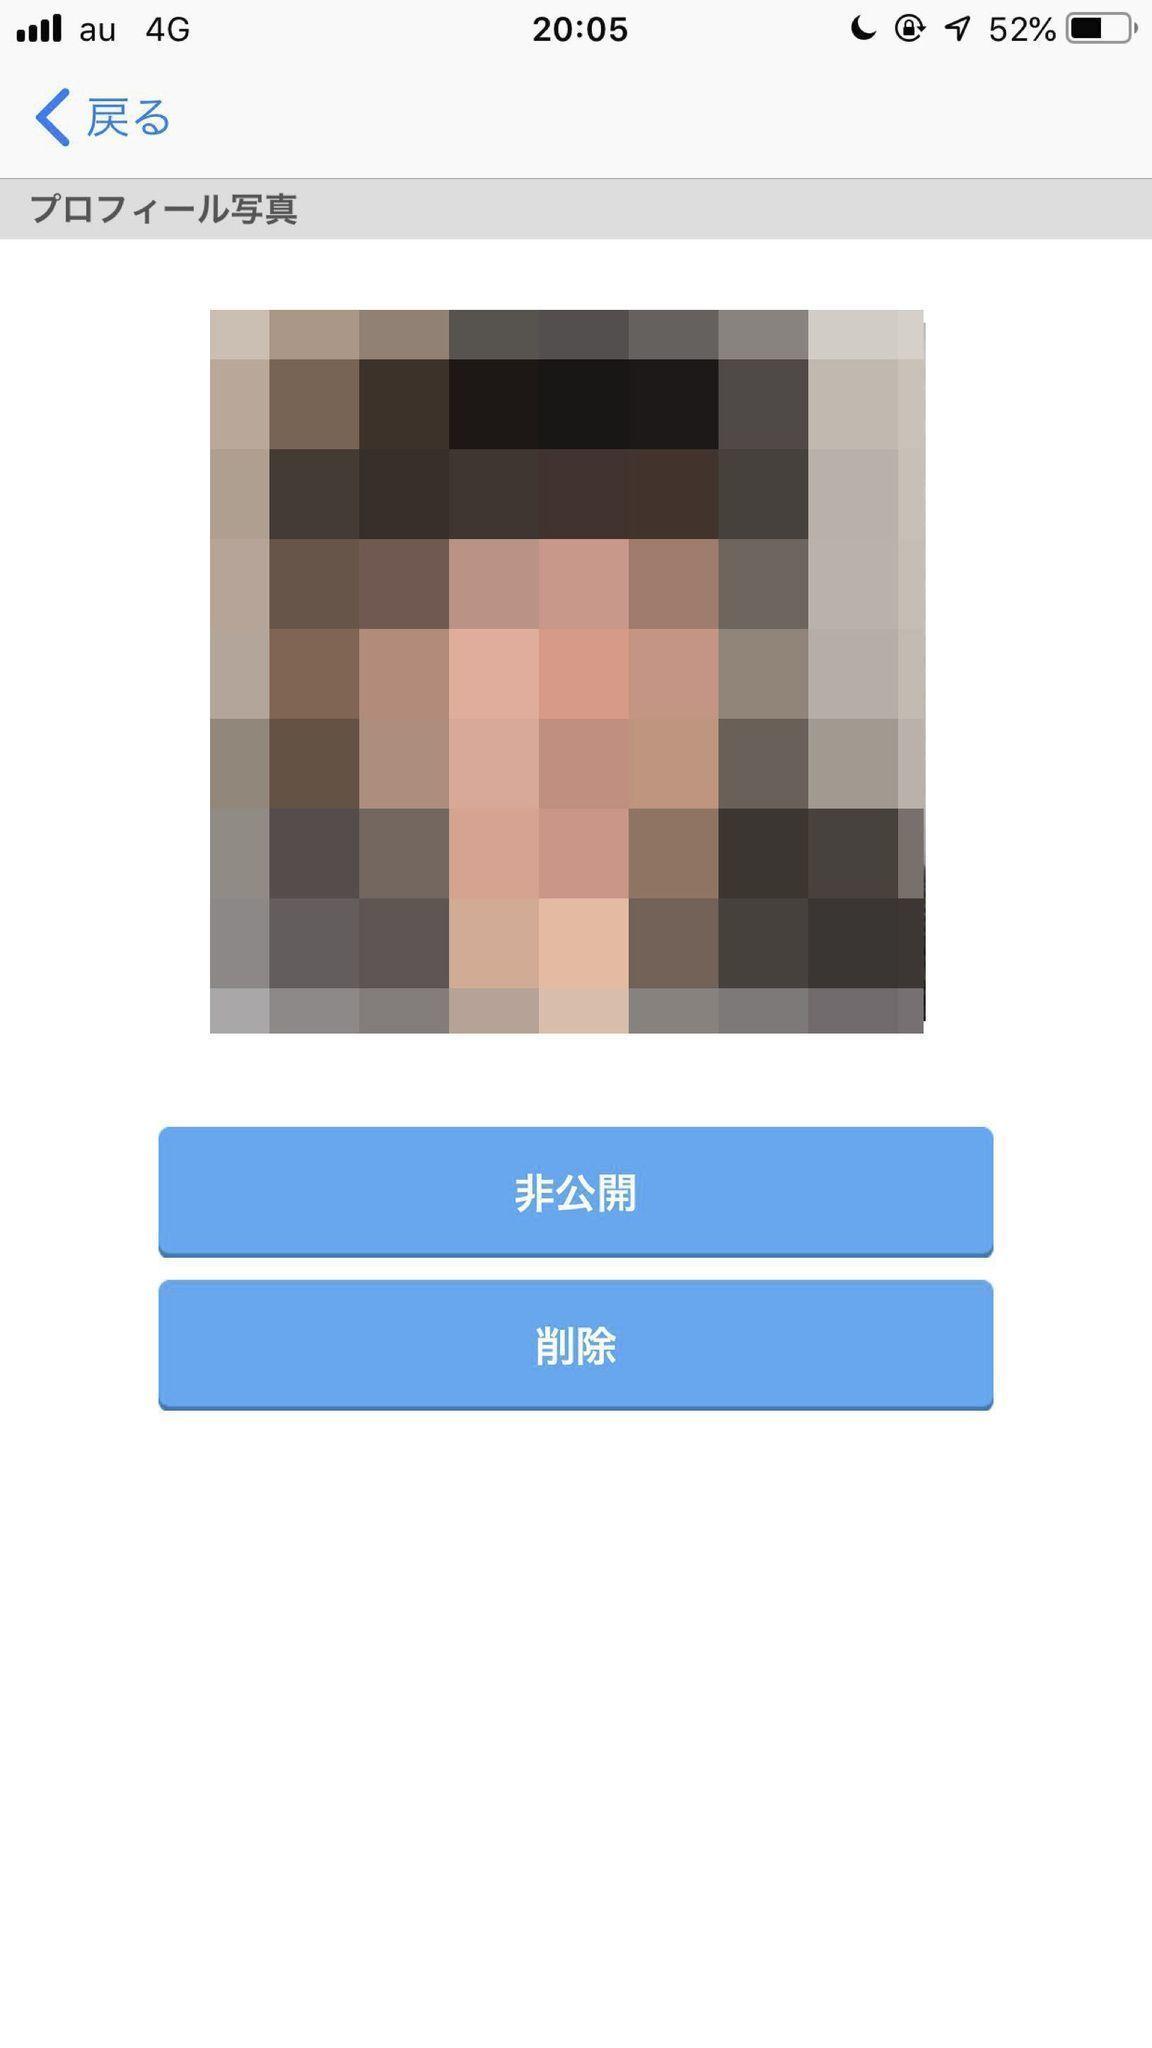 ハッピーメール プロフィール写真画面で、削除したい画像を選ぶ